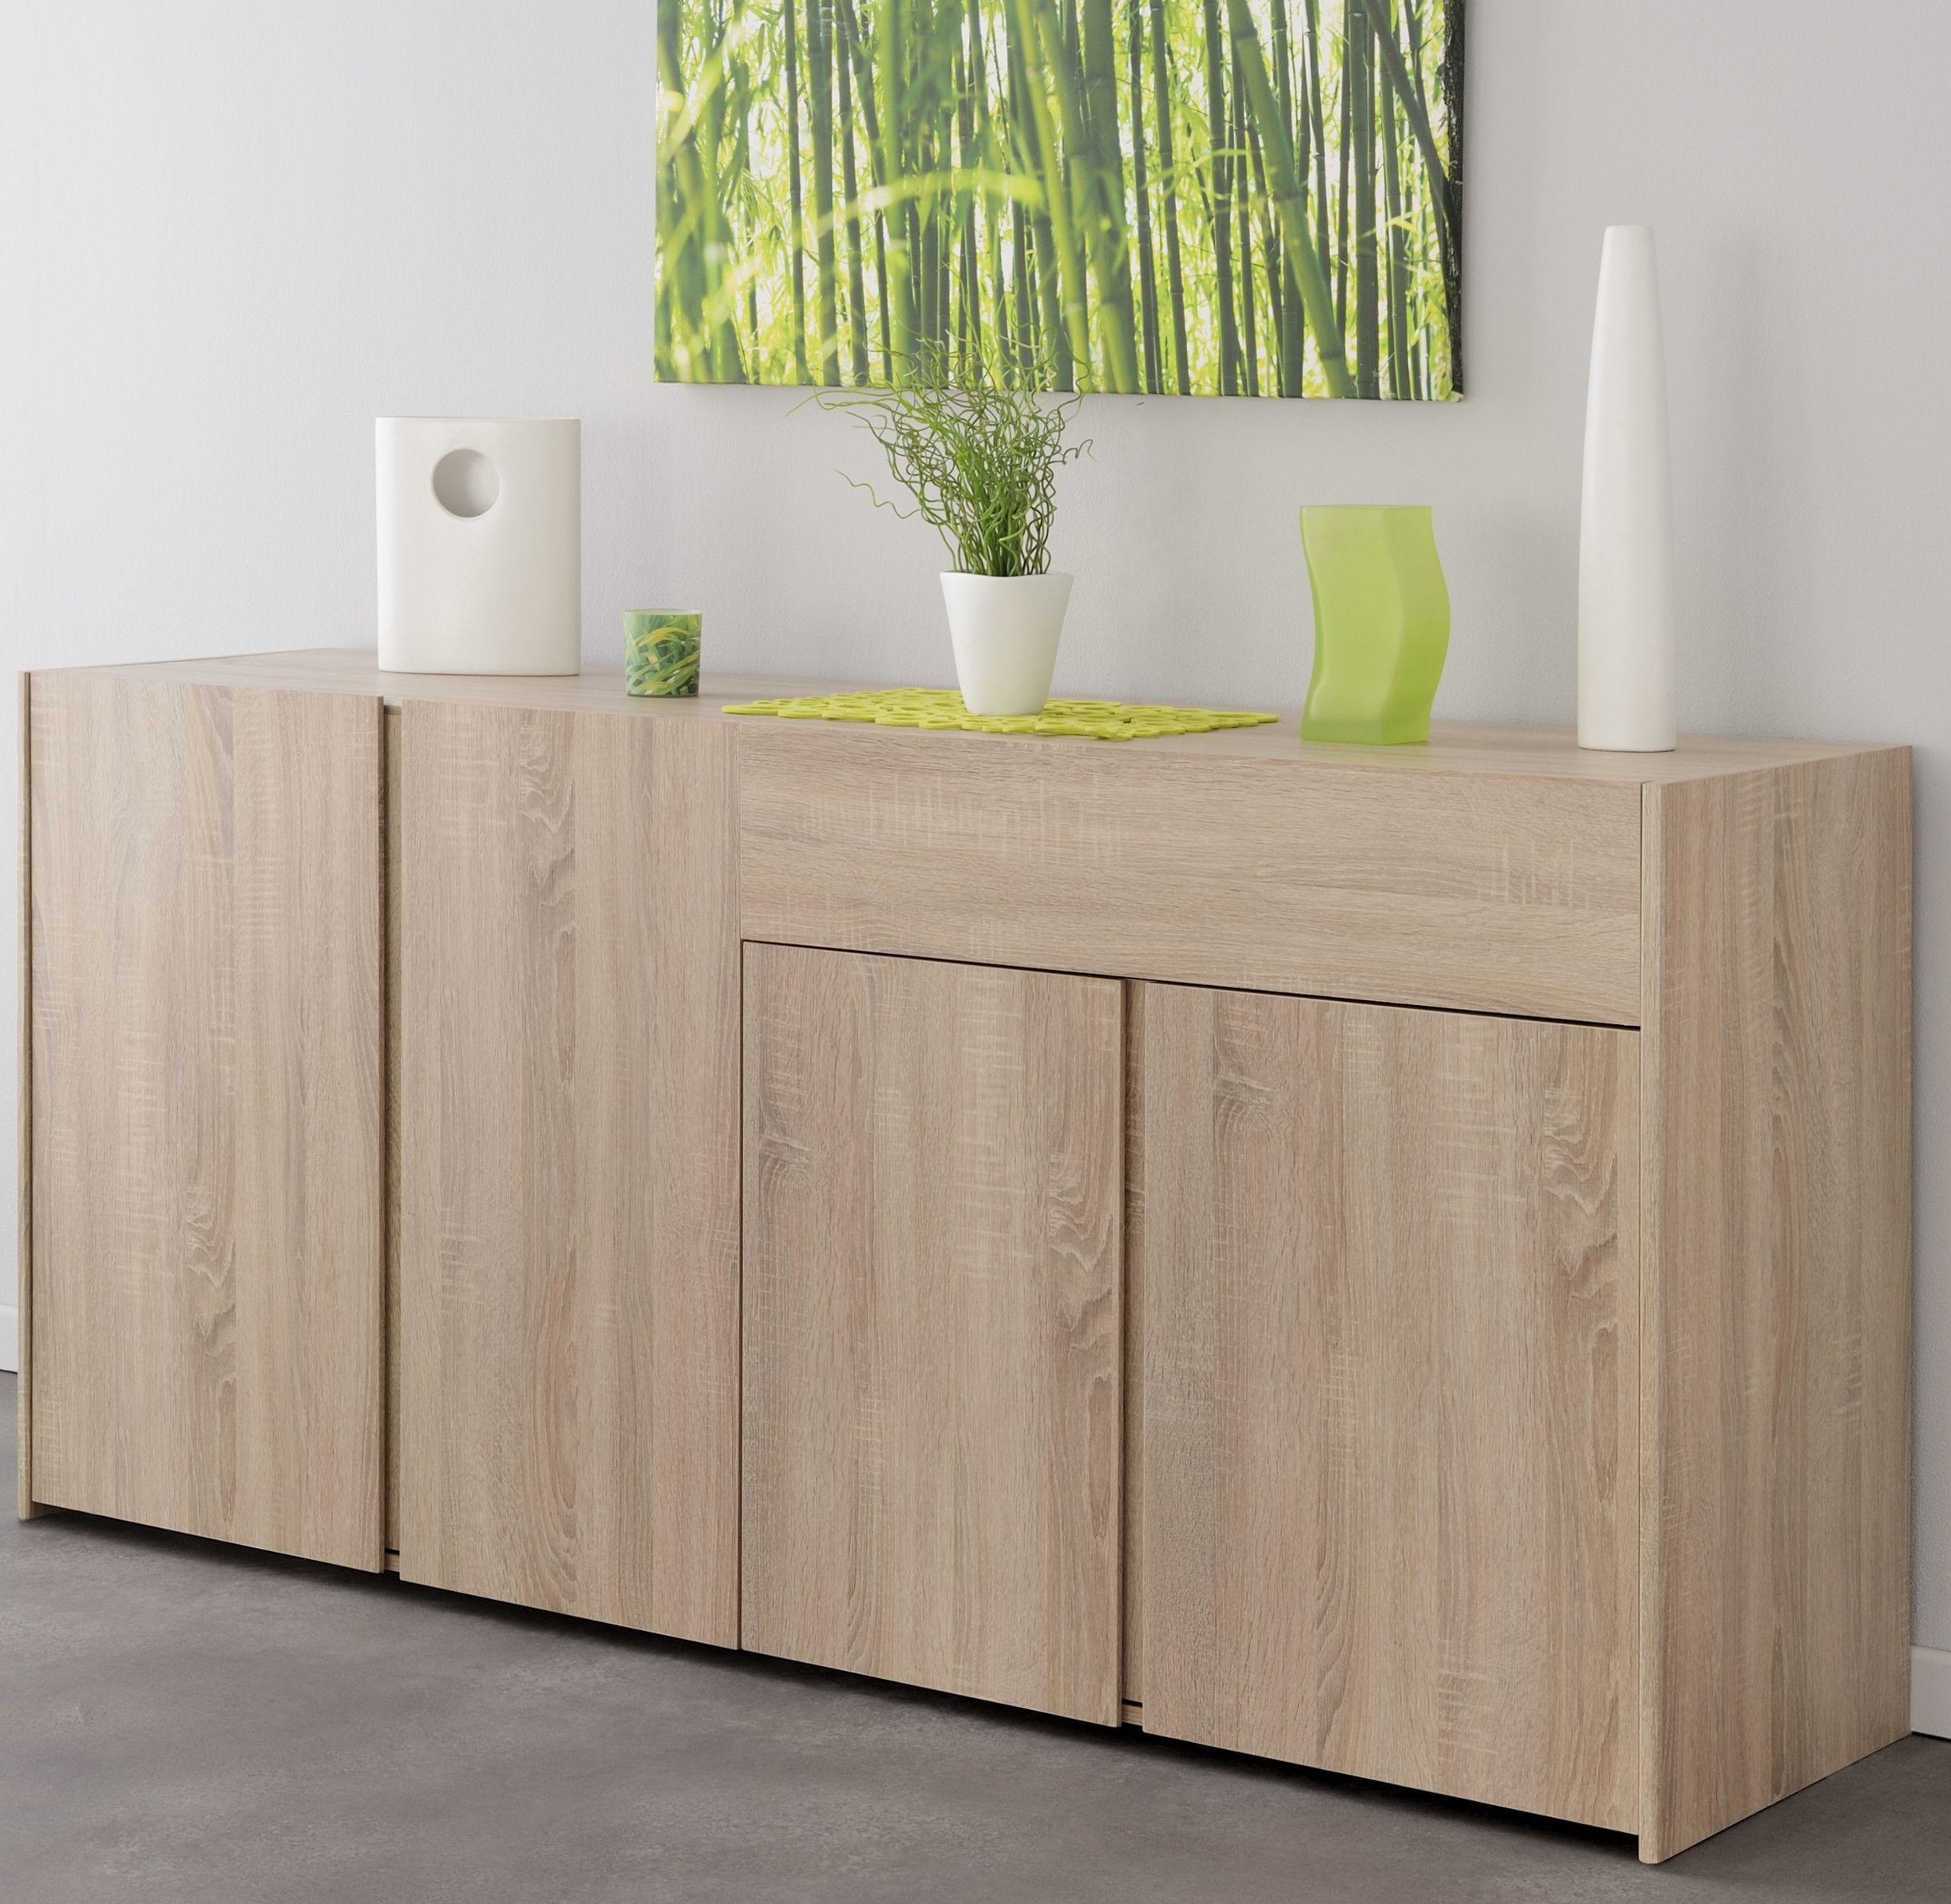 Sideboard Sonoma Eiche Woody 167 00290 Modern Jetzt Bestellen Unter